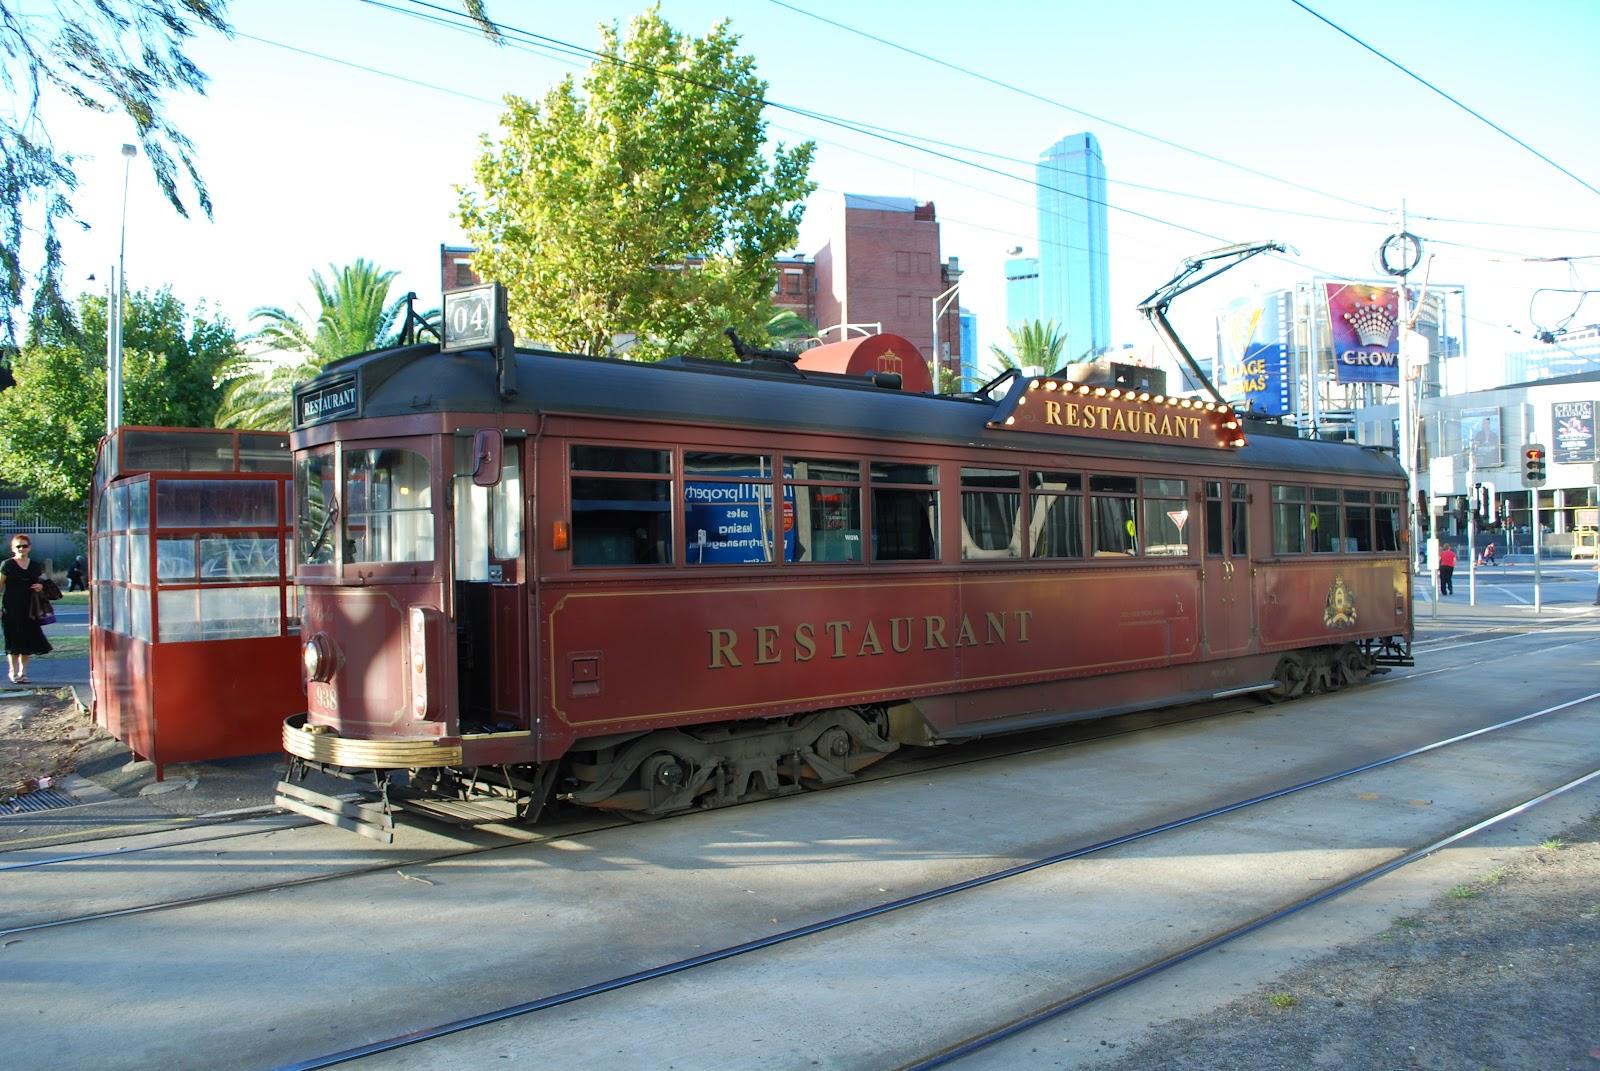 food trek reviews colonial tramcar restaurant melbourne. Black Bedroom Furniture Sets. Home Design Ideas